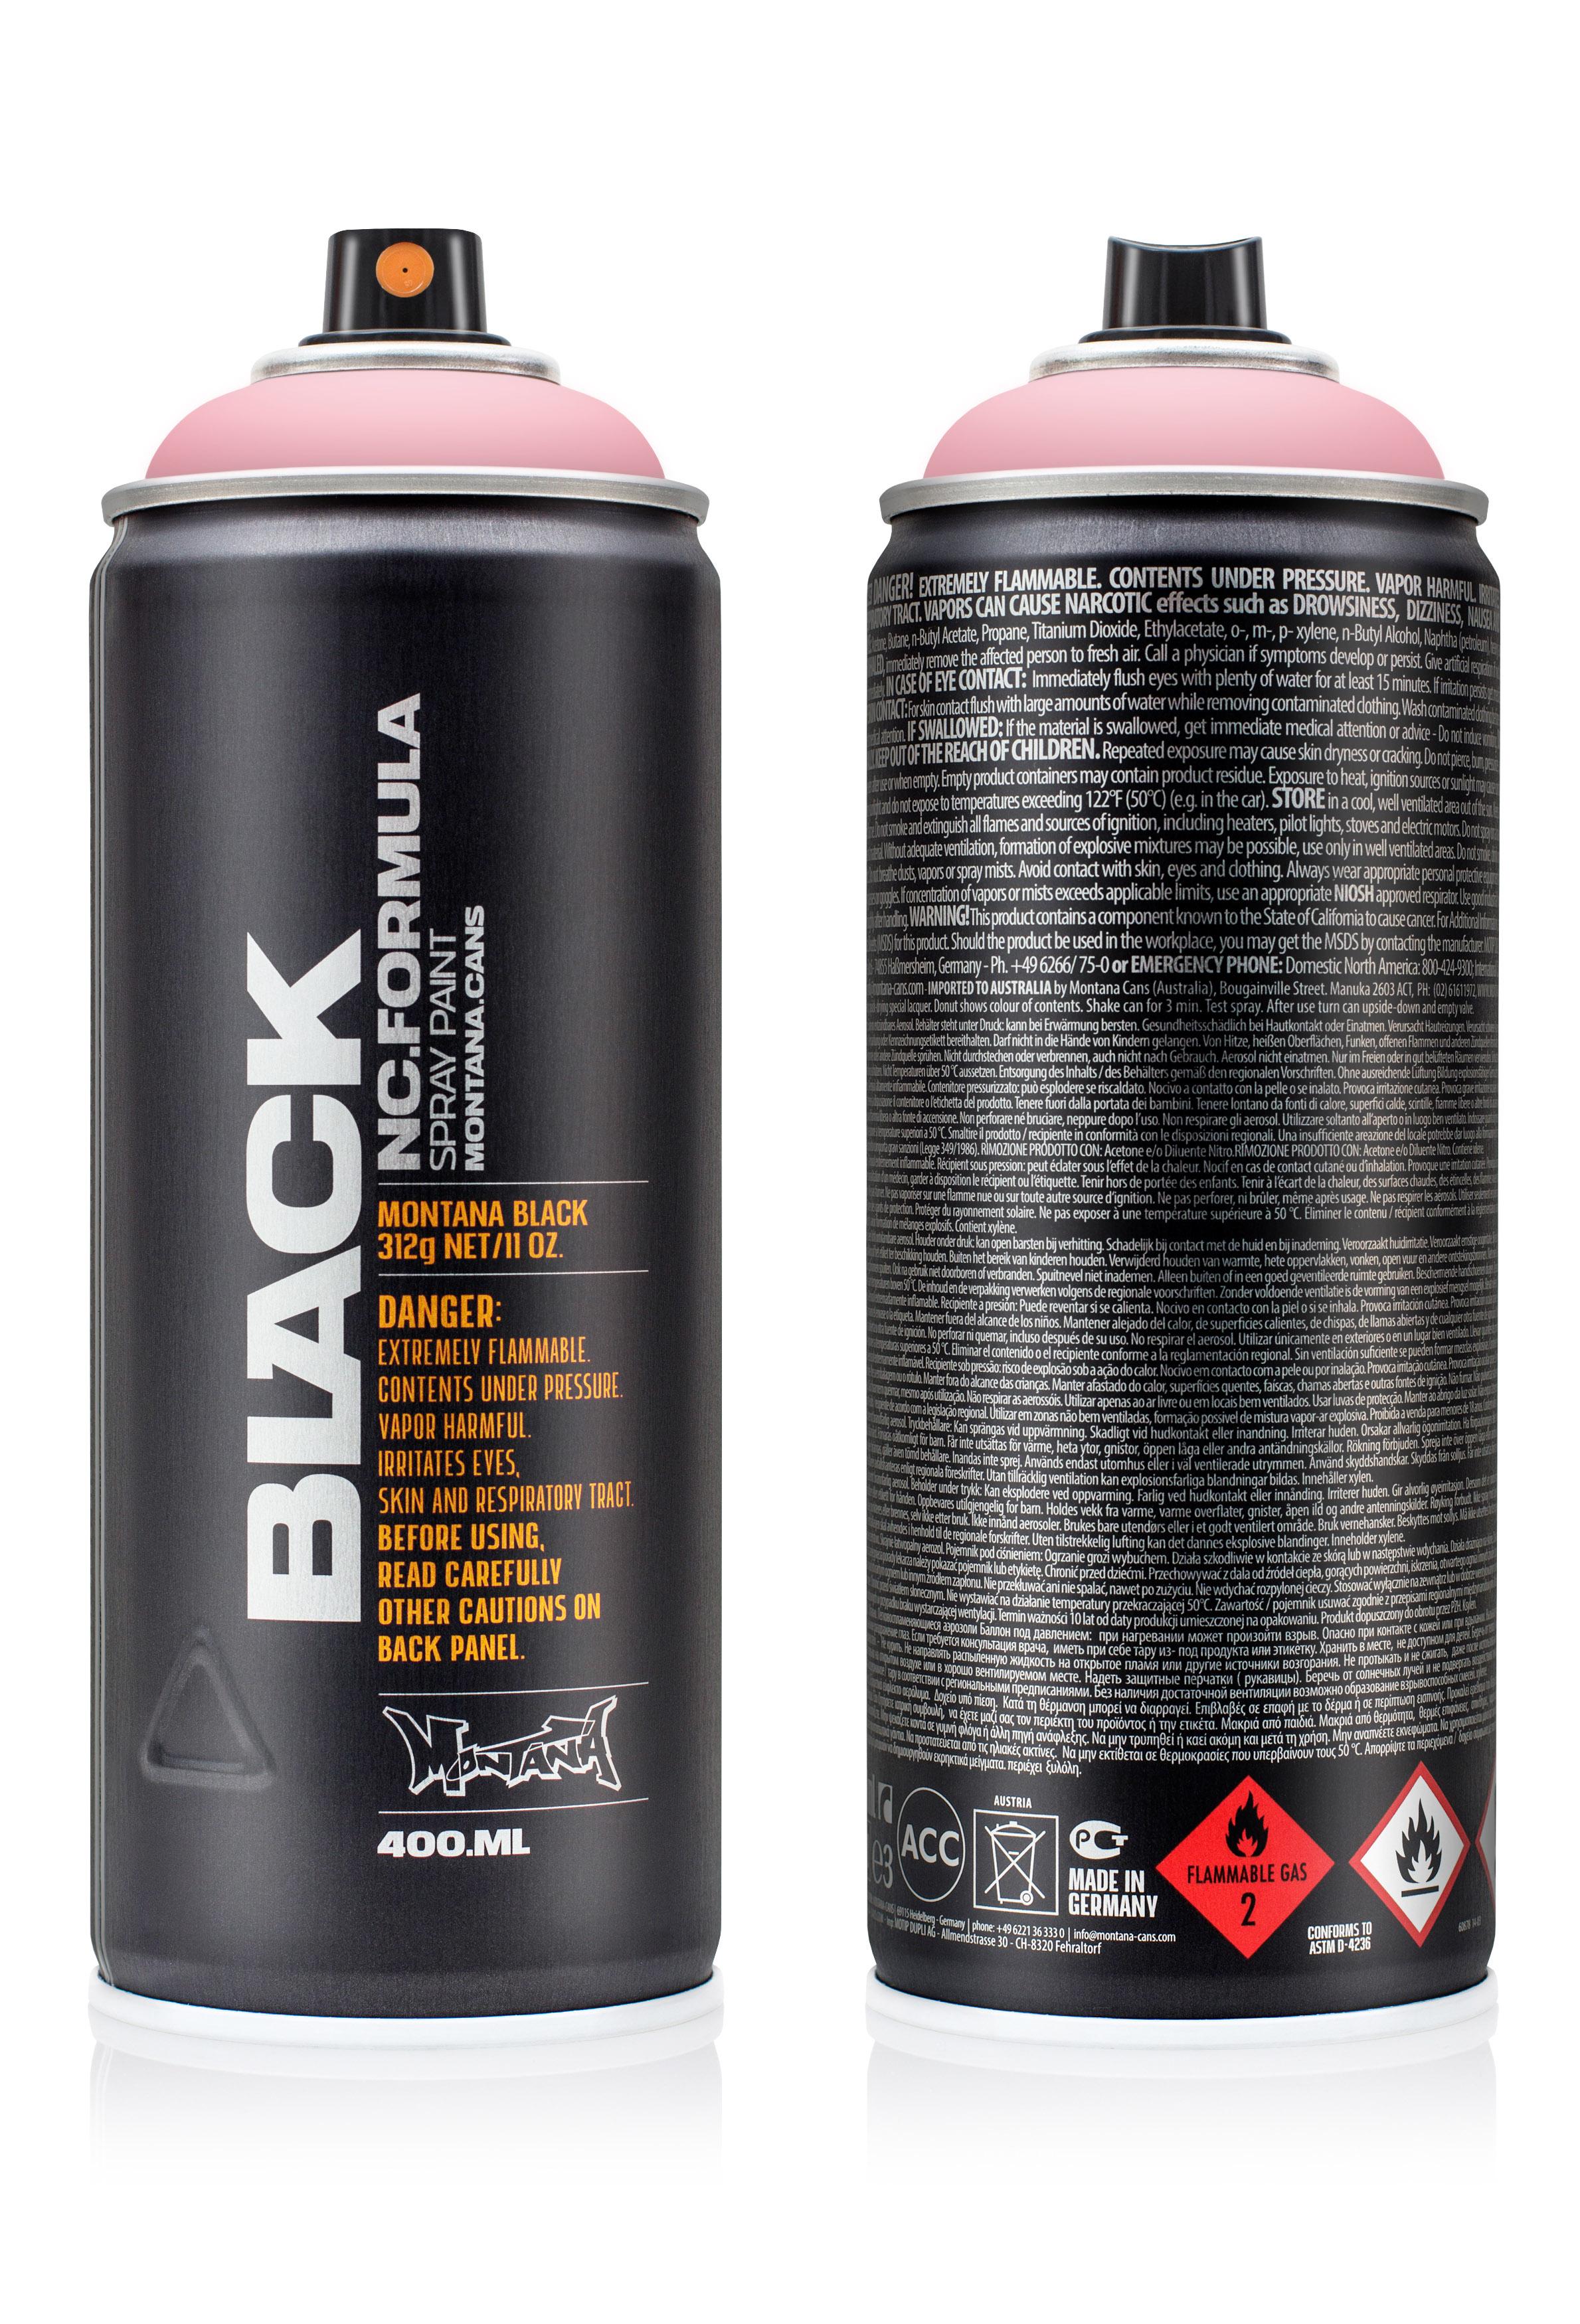 Аэрозольная краска Montana Black Patpong 400 мл